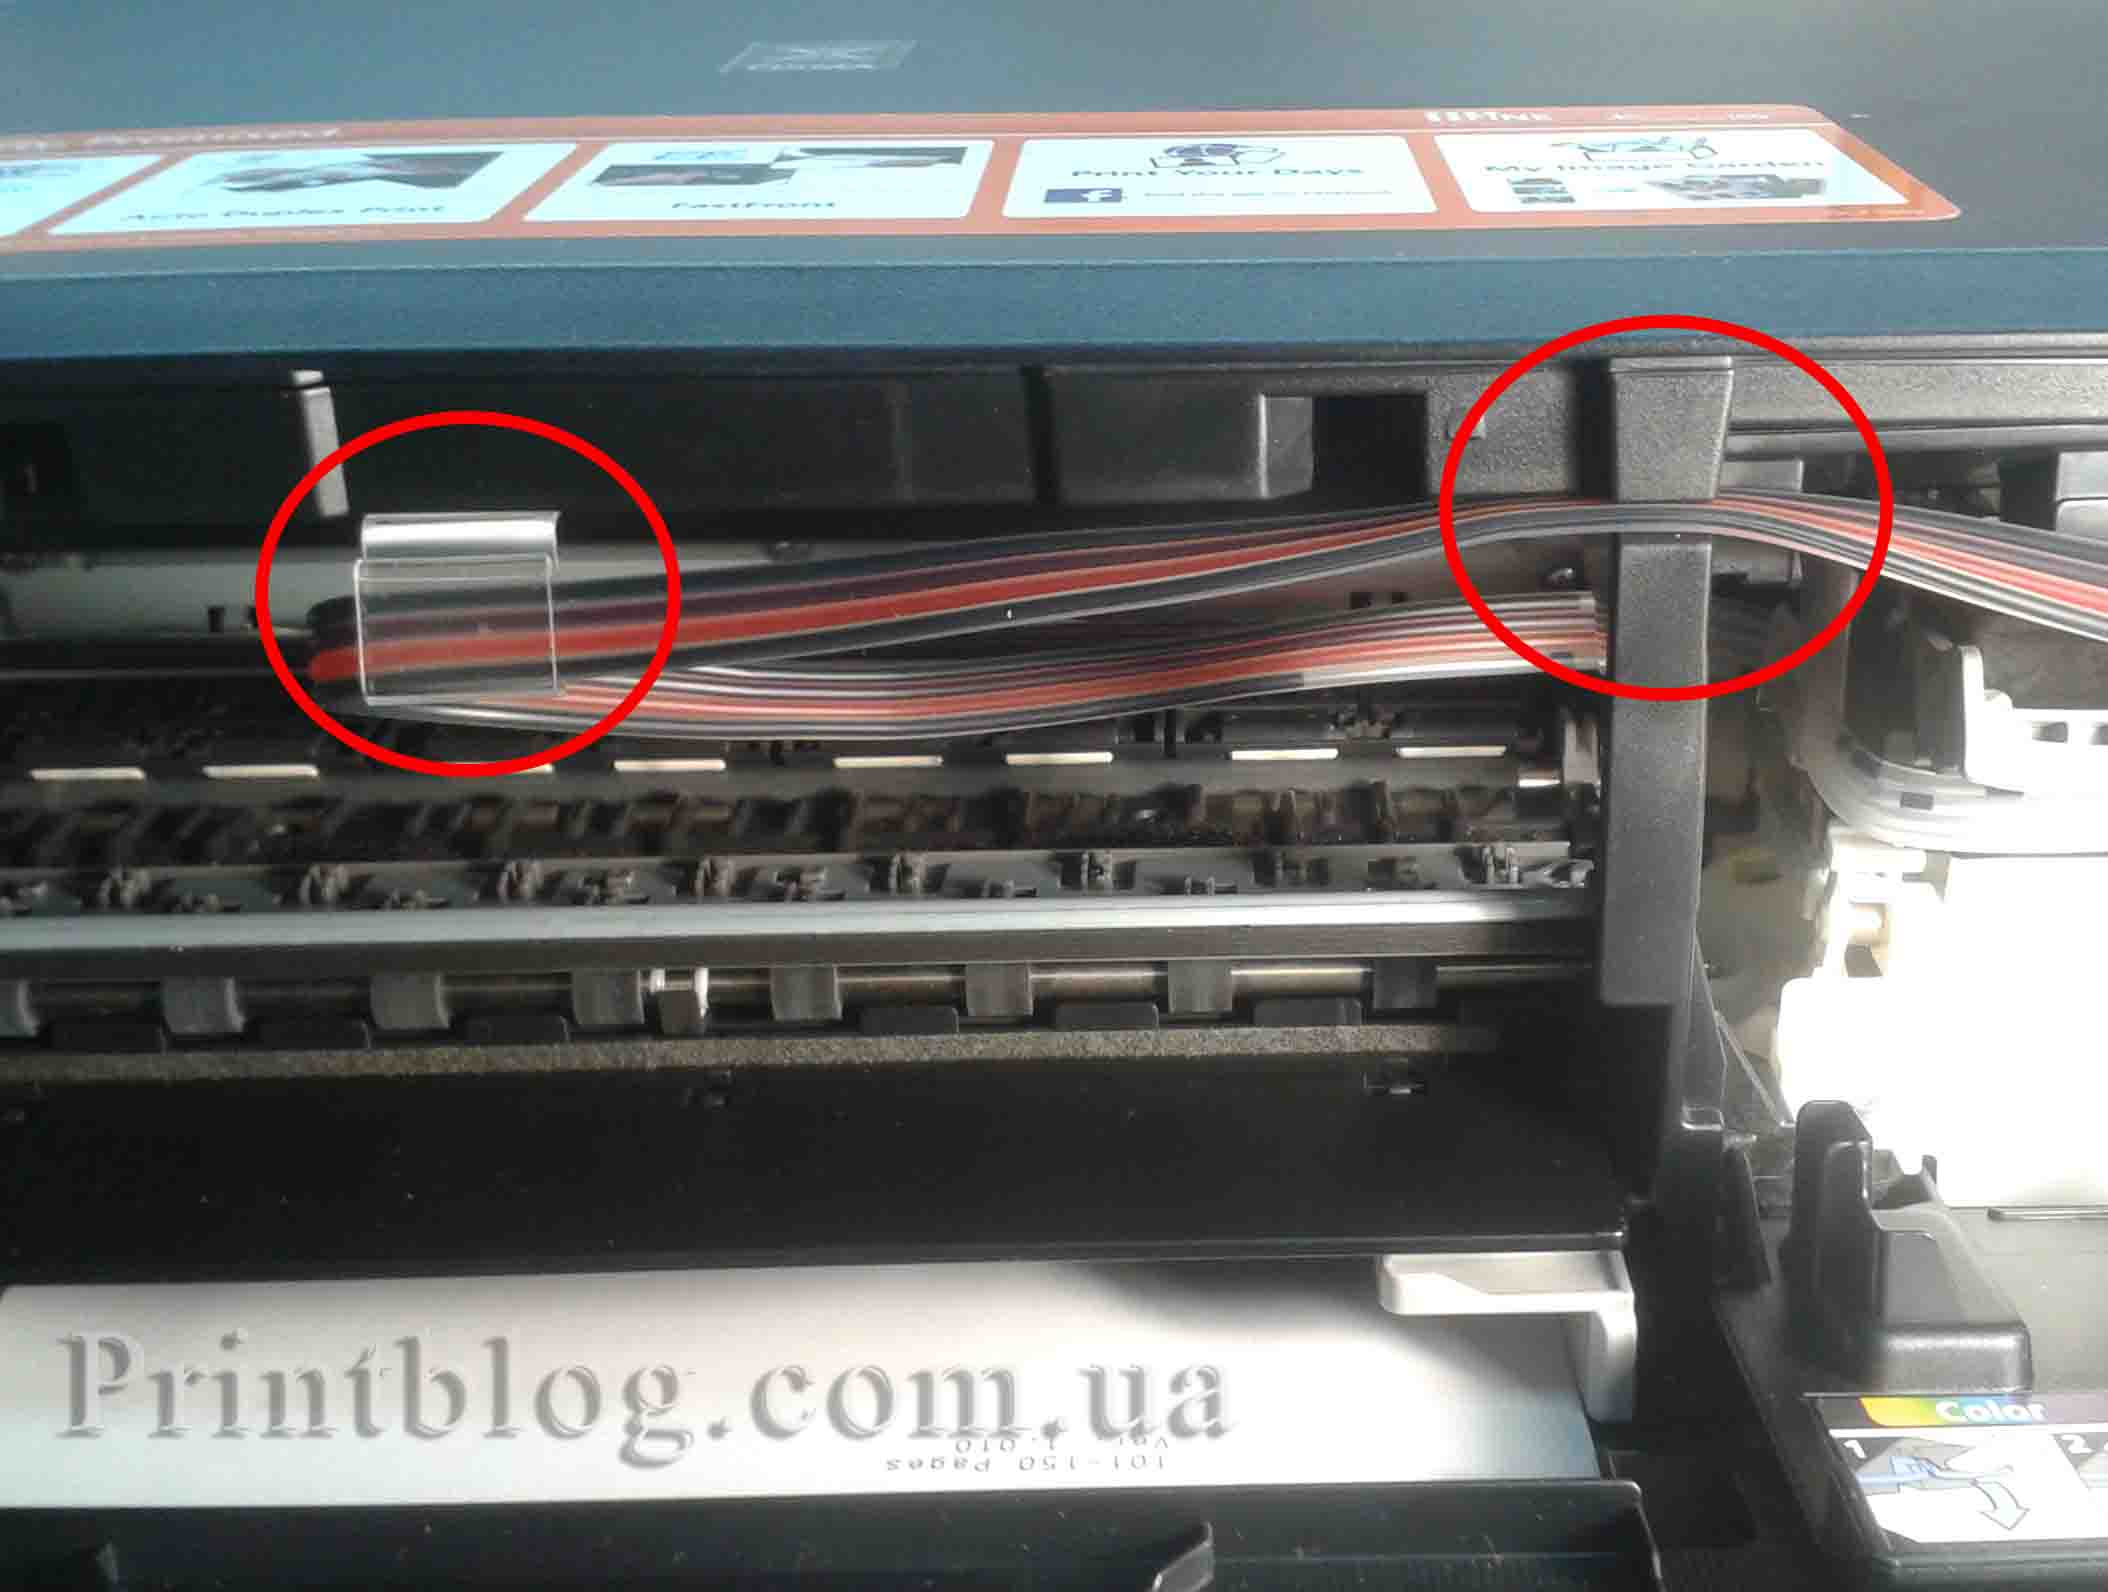 Установка СНПЧ на принтеры Canon PIXMA MX374, MX434, MG2140, MG3140, MG3240, MG4140, MG4240. Инструкция по установке.